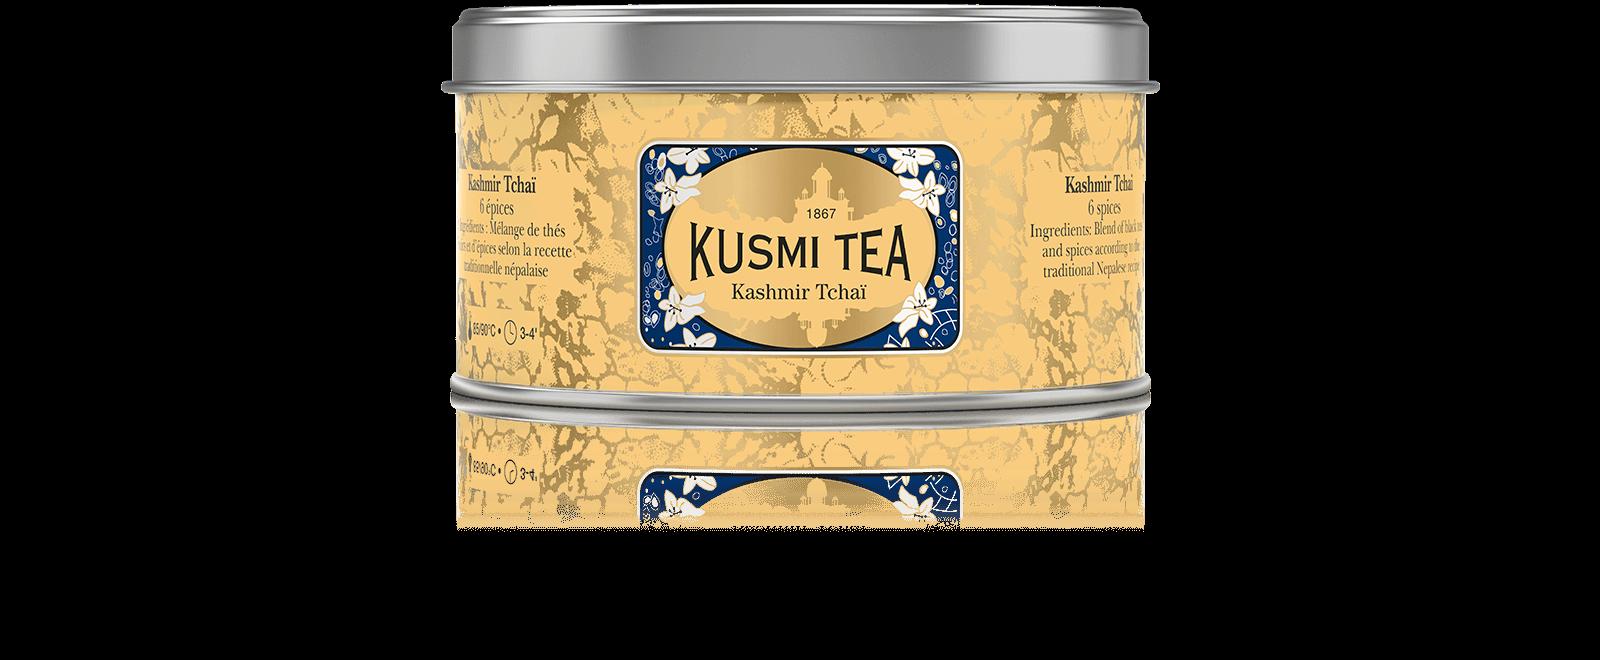 Kashmir Tchaï - Thé noir aux épices - Kusmi Tea